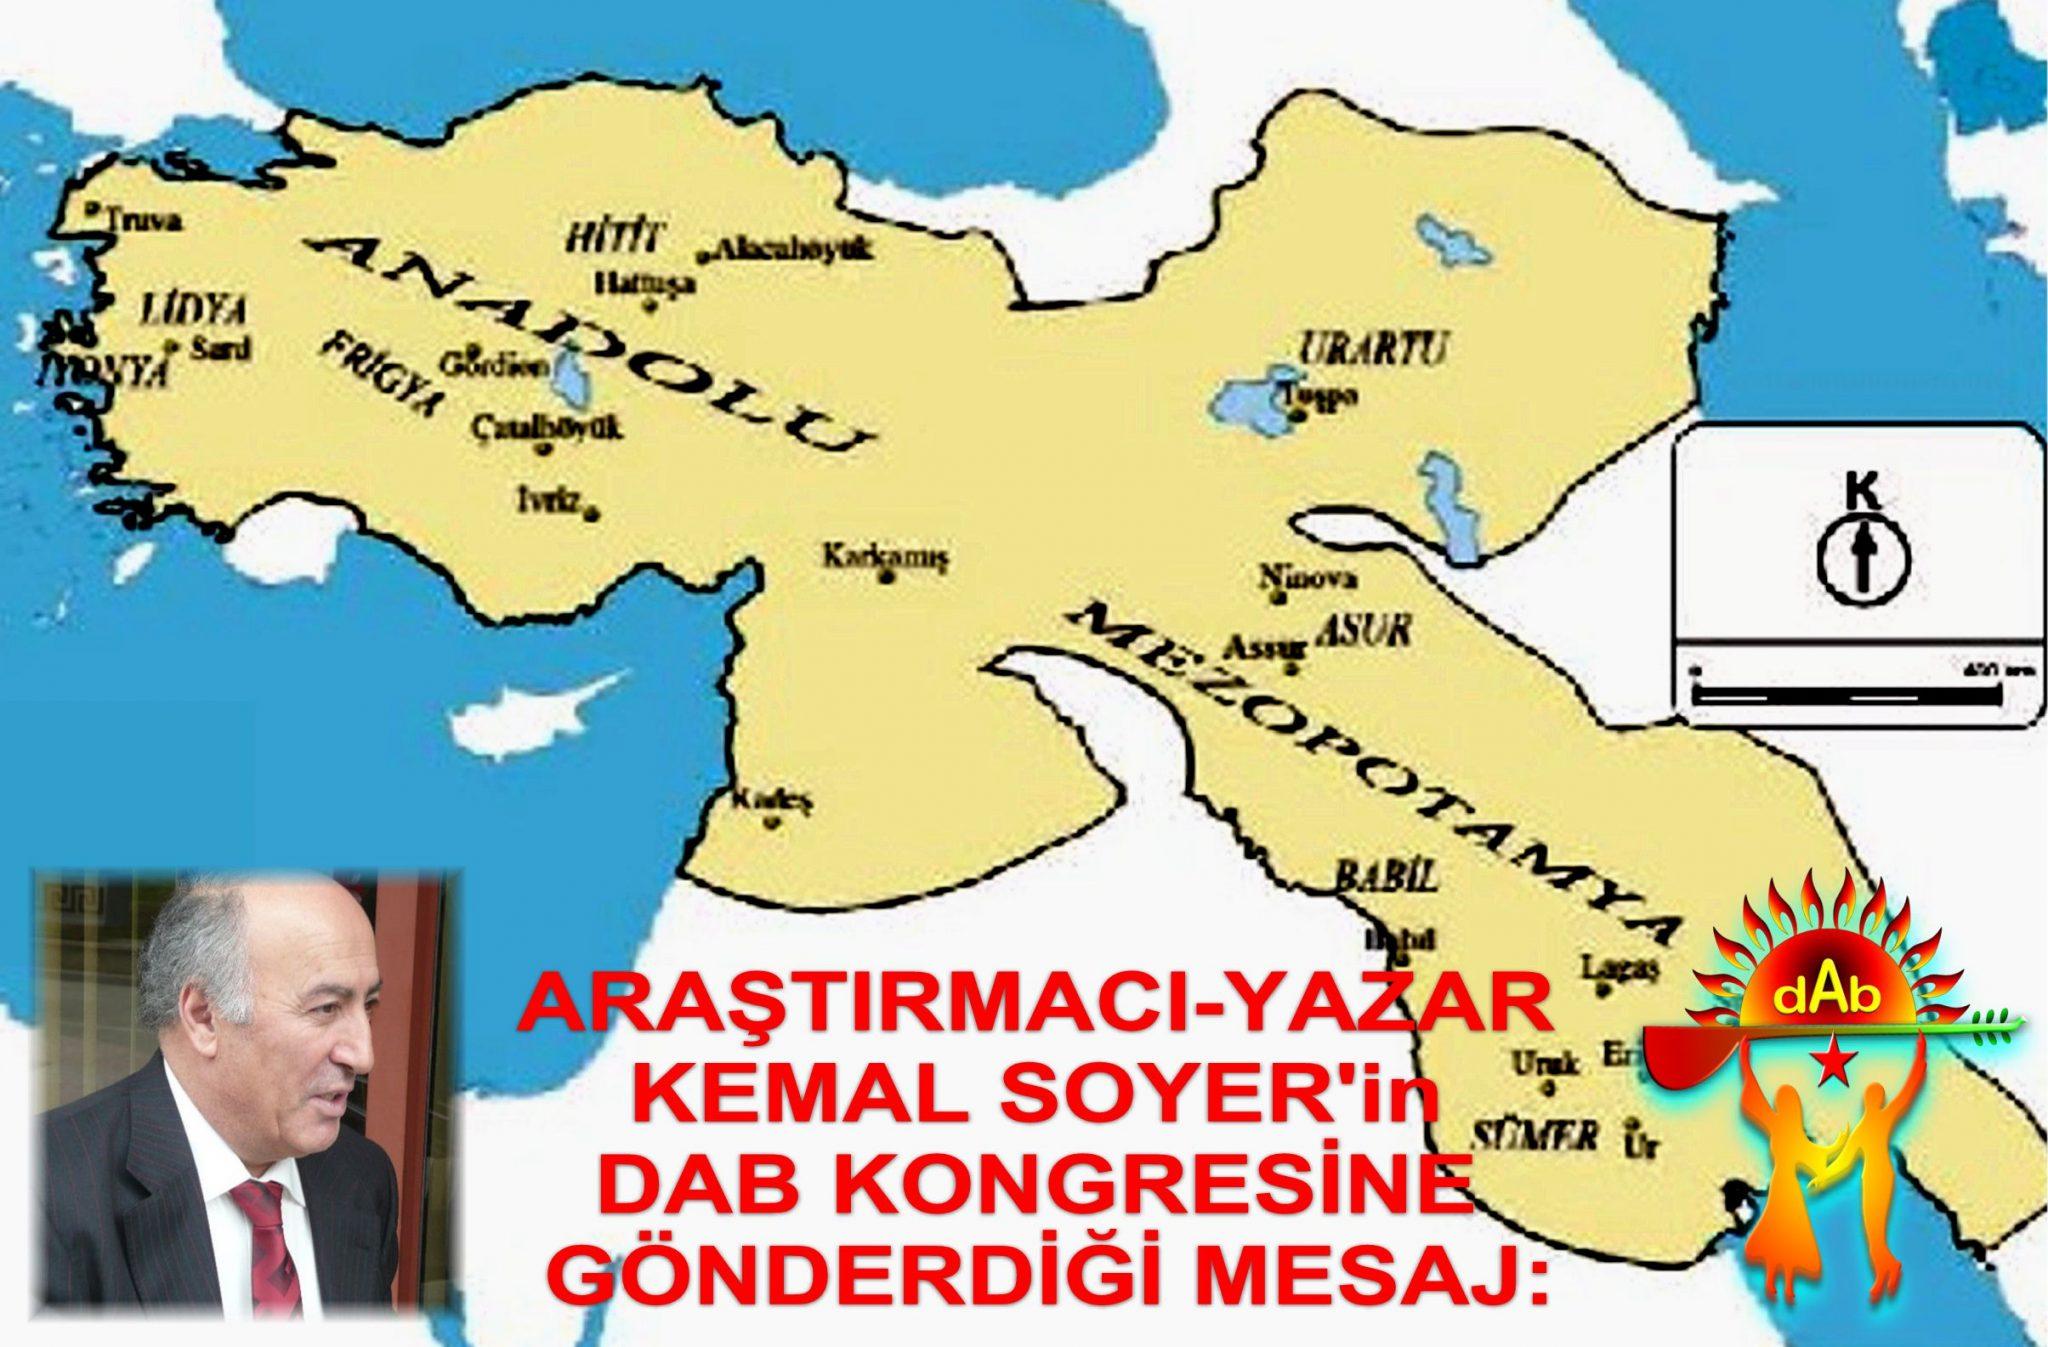 kemal-soyer-dab-devrimci-aleviler-birligi-alevi-kizilbas-bektasi-pir-sultan-cemevi